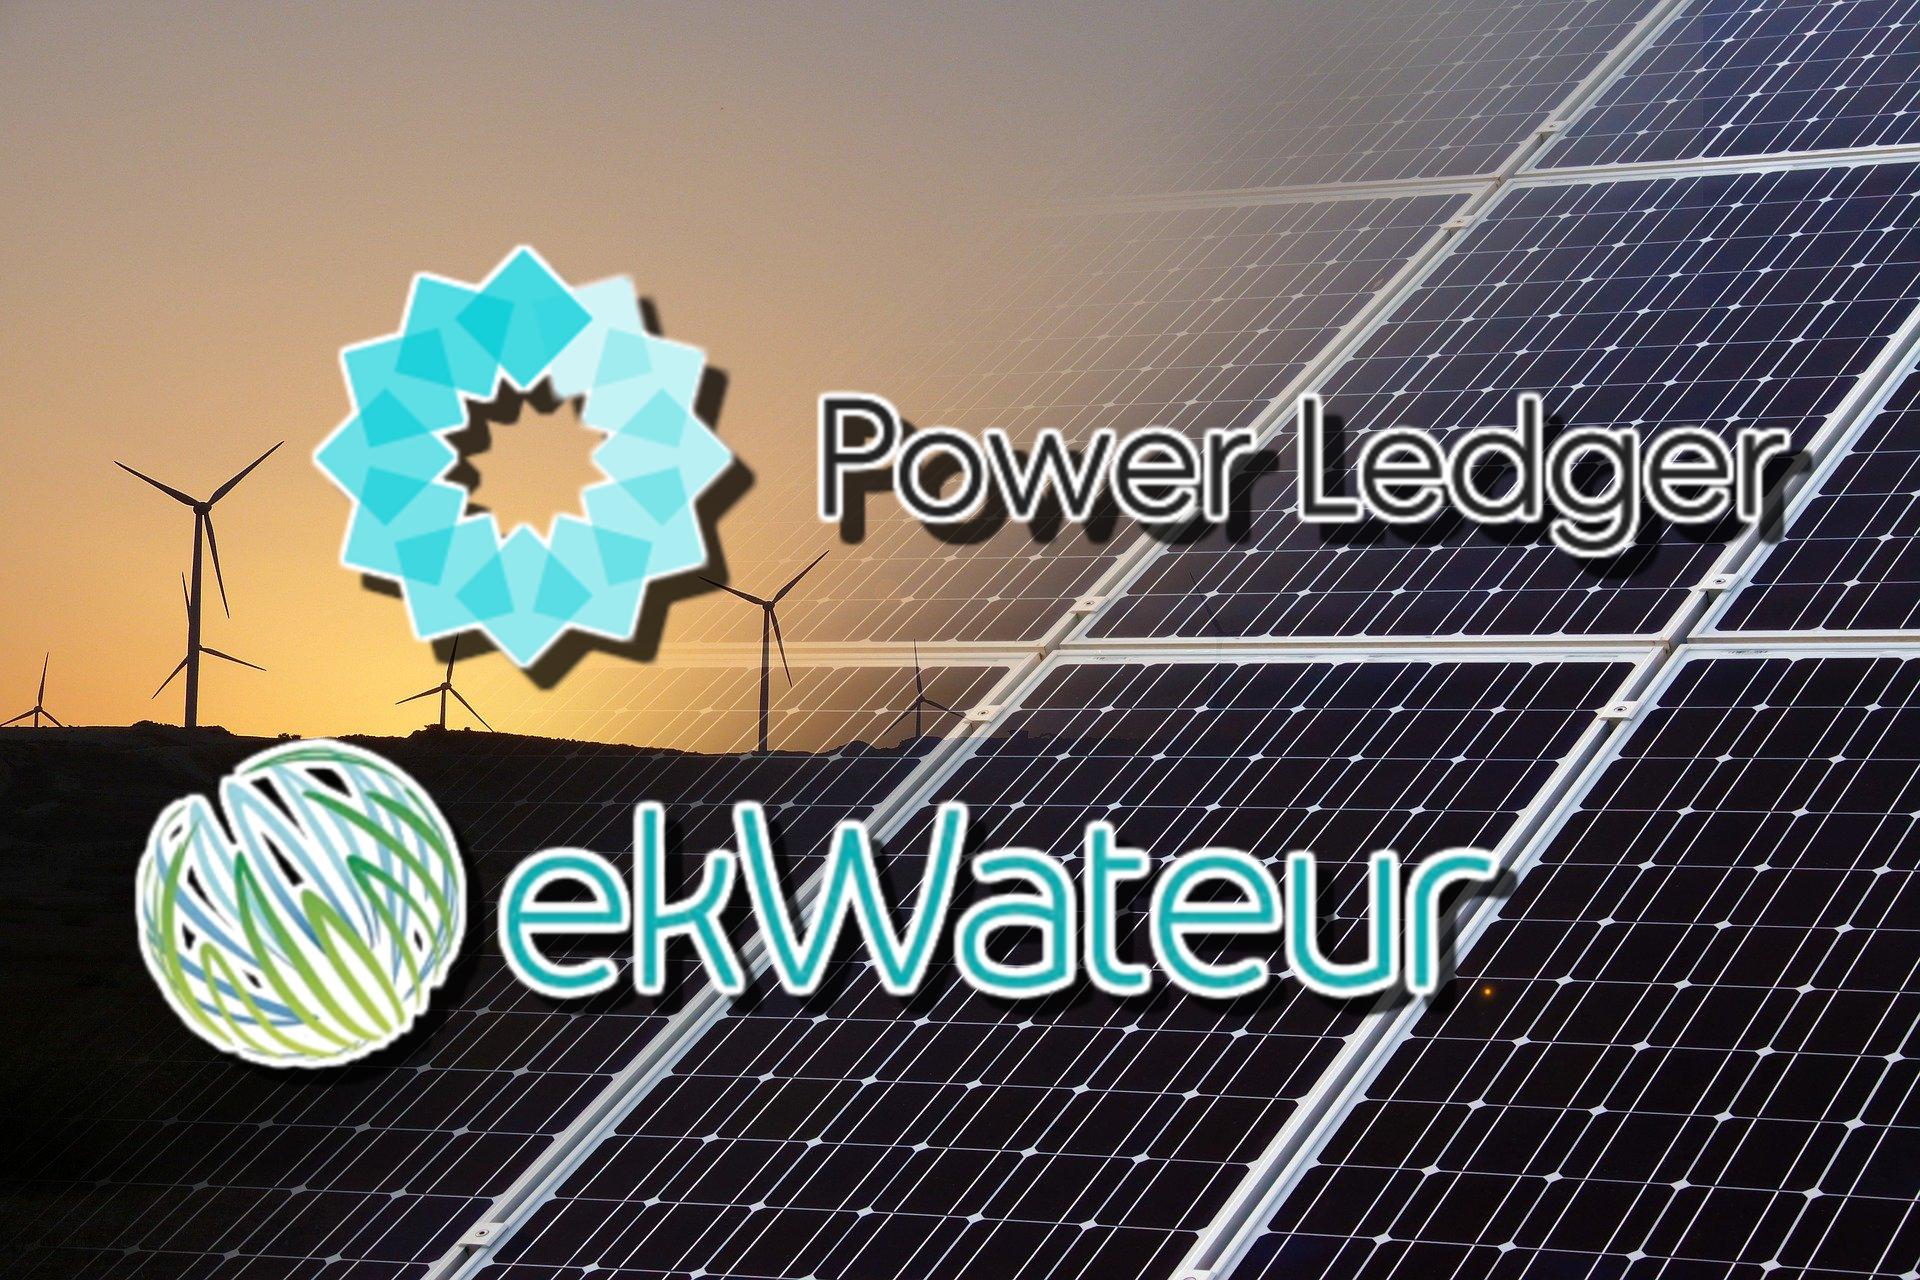 フランスで独自の電力エネルギー源が選択可能となるプロジェクト開始